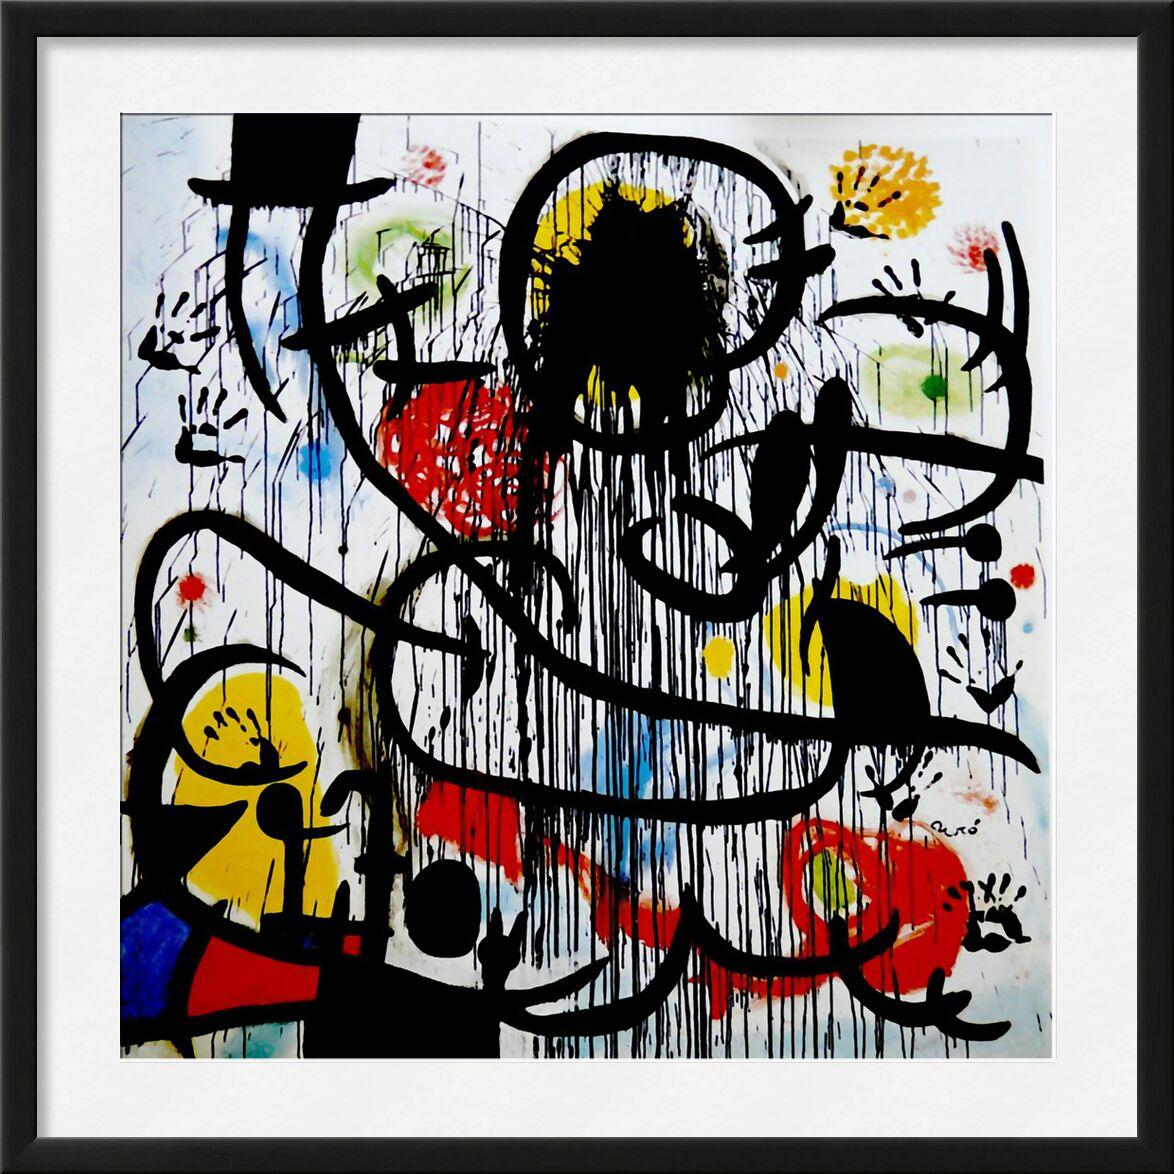 May, 1968 - Joan Miró von AUX BEAUX-ARTS, Prodi Art, mai 1968, Malerei, Zeichnung, Frankreich, Revolution, Joan Miró